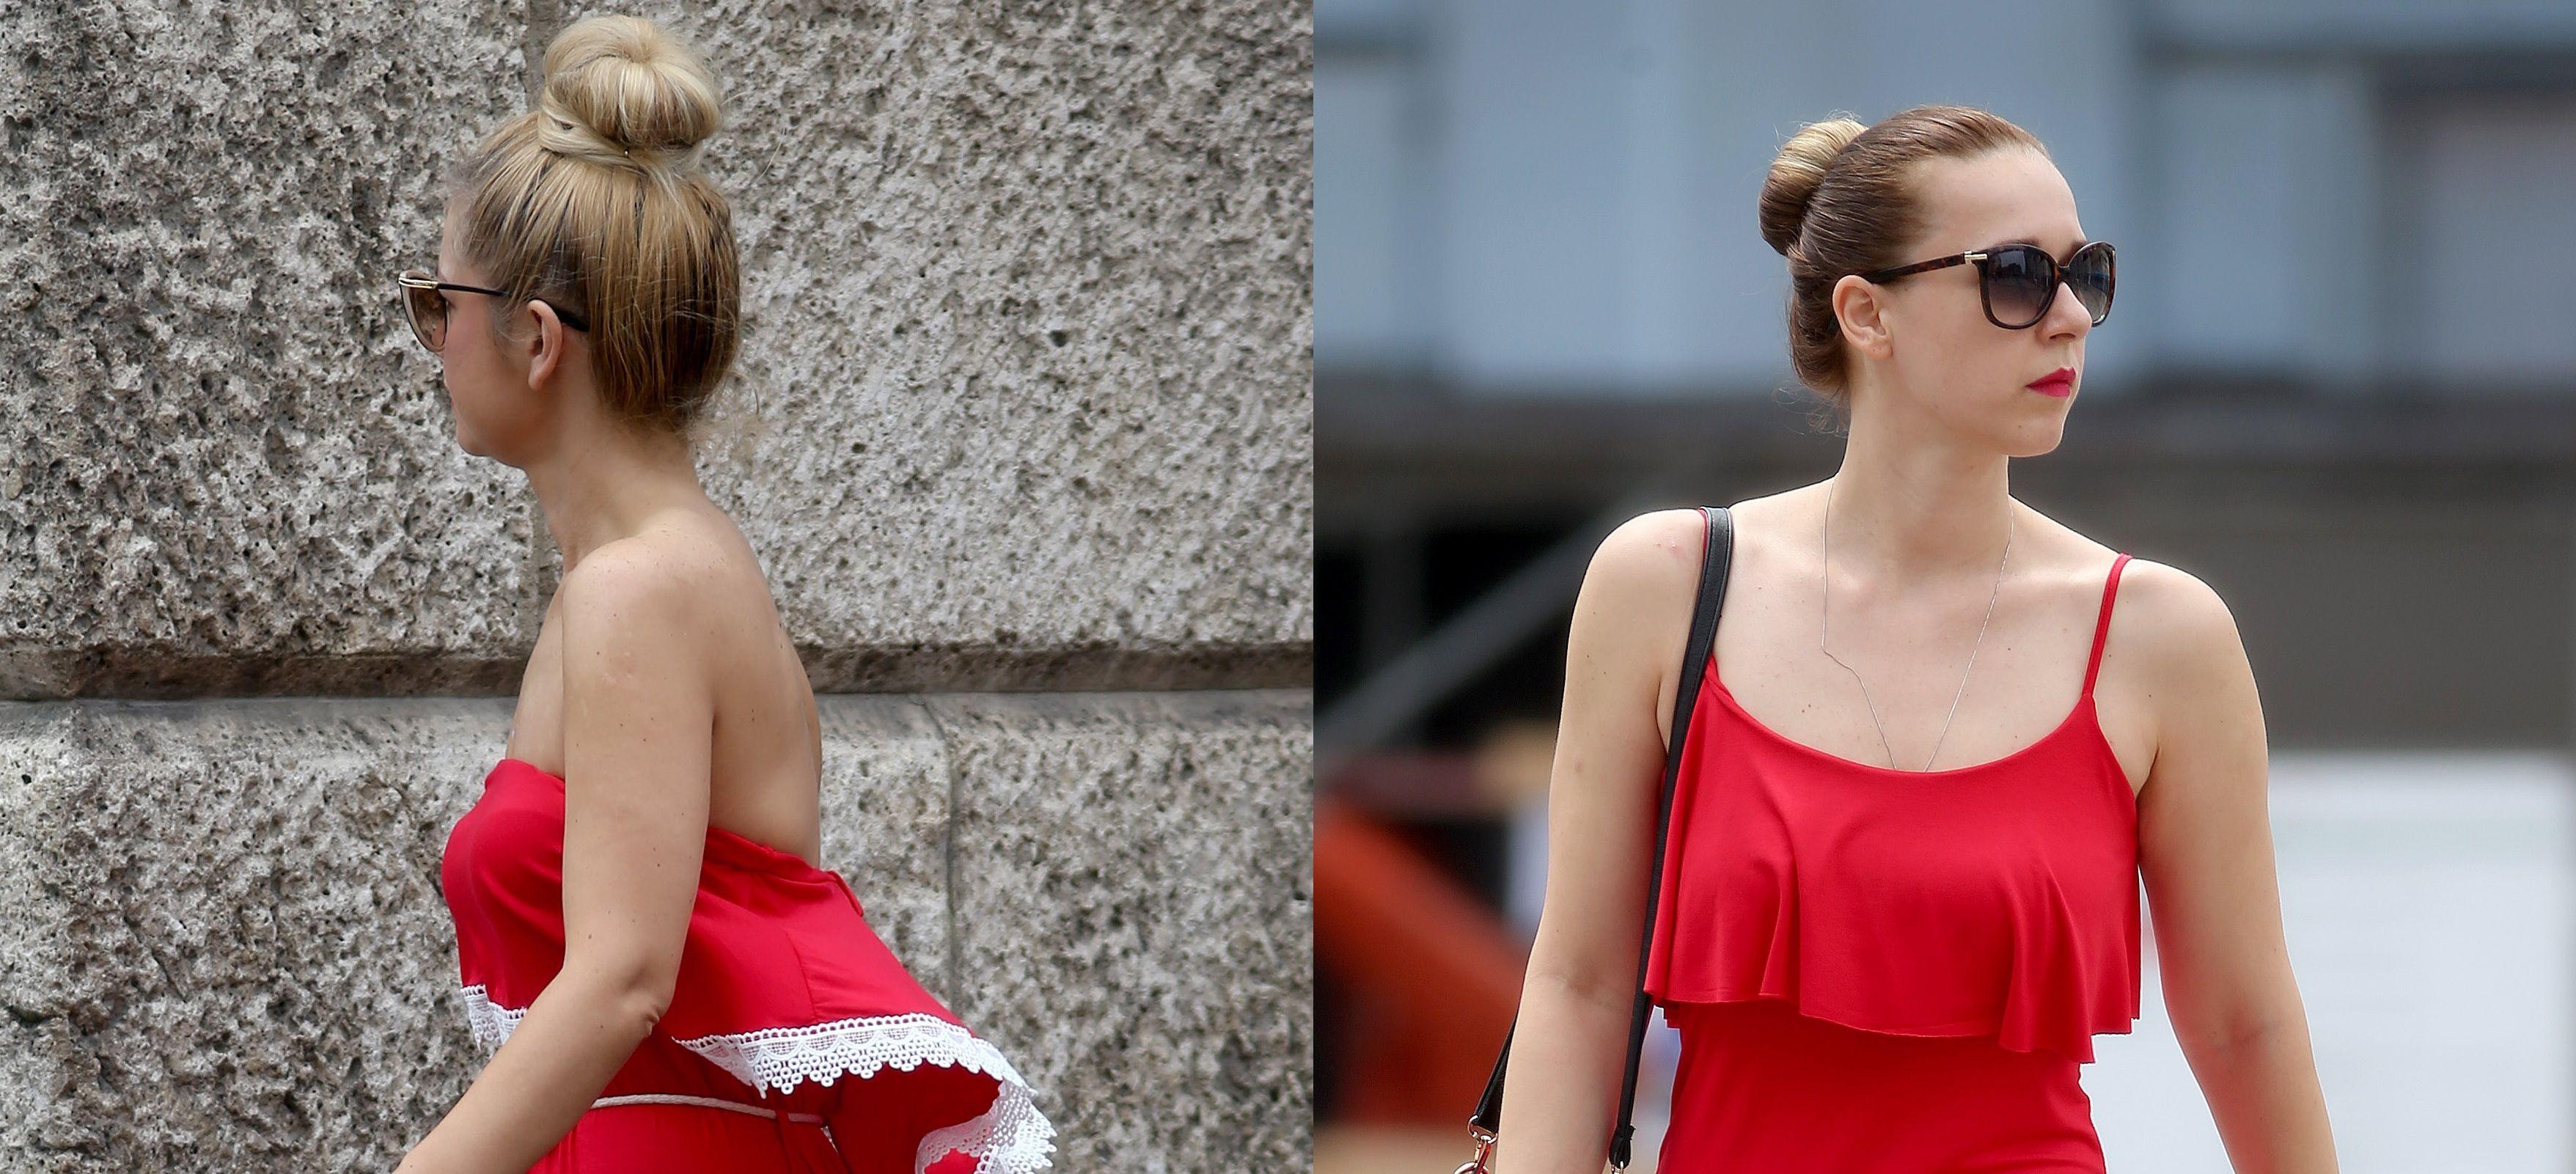 Ove dvije dame znaju kako je crvena boja definitivno najveći ljetni hit